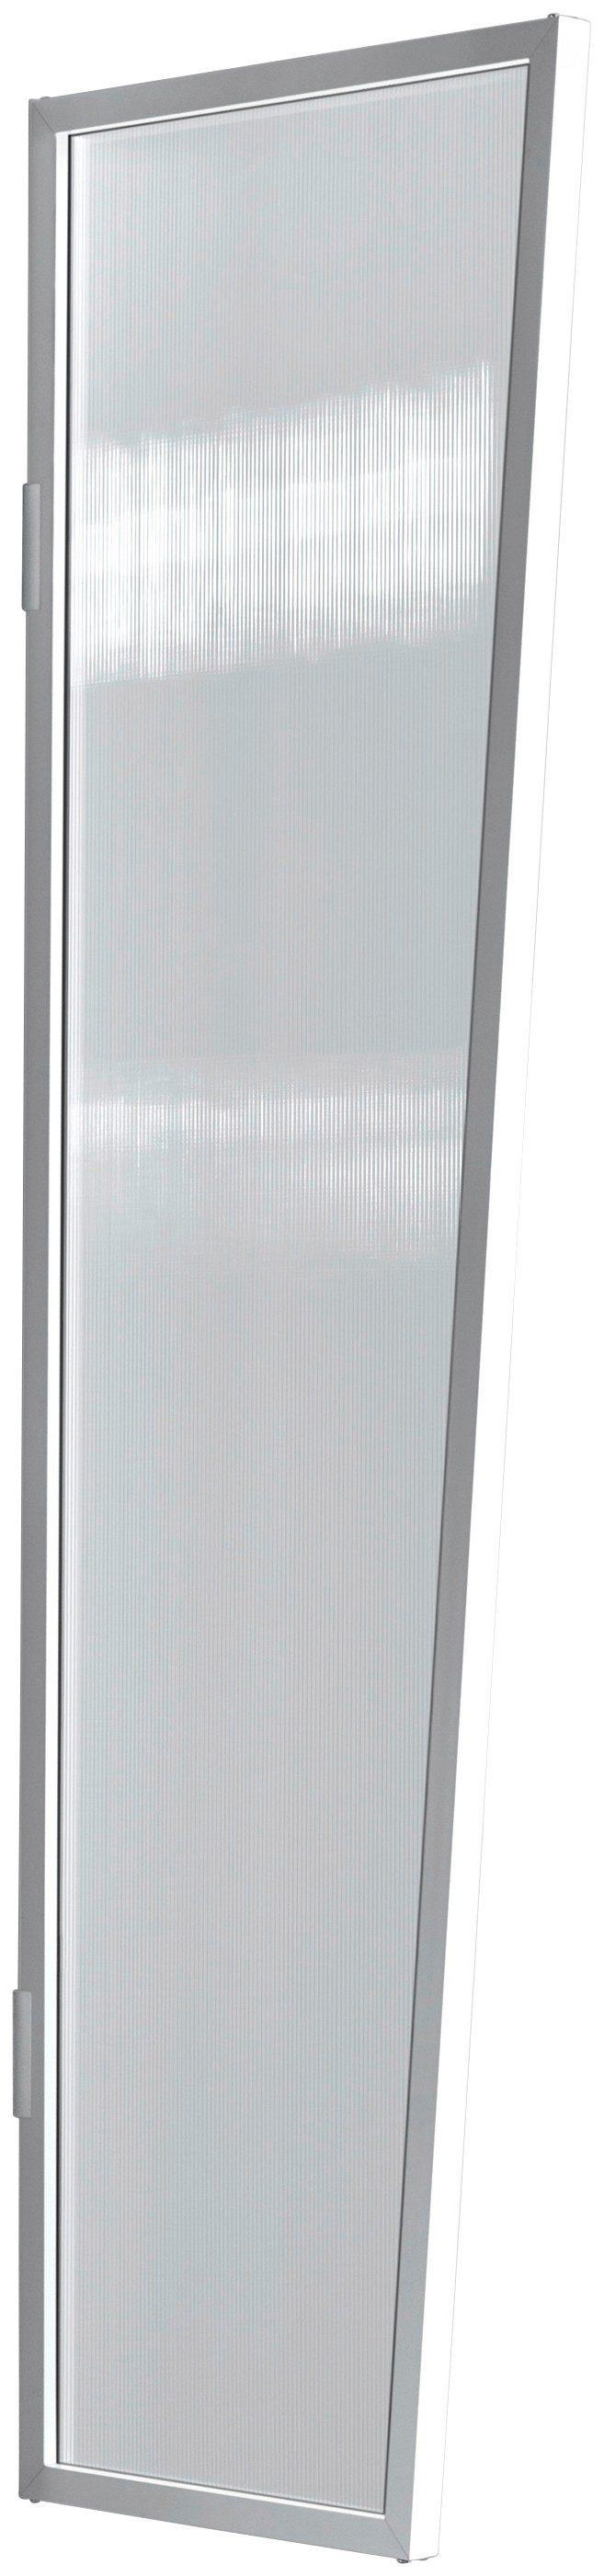 Seitenblende »B1 PC klar«, BxH: 60x200 cm, weiß/transparent